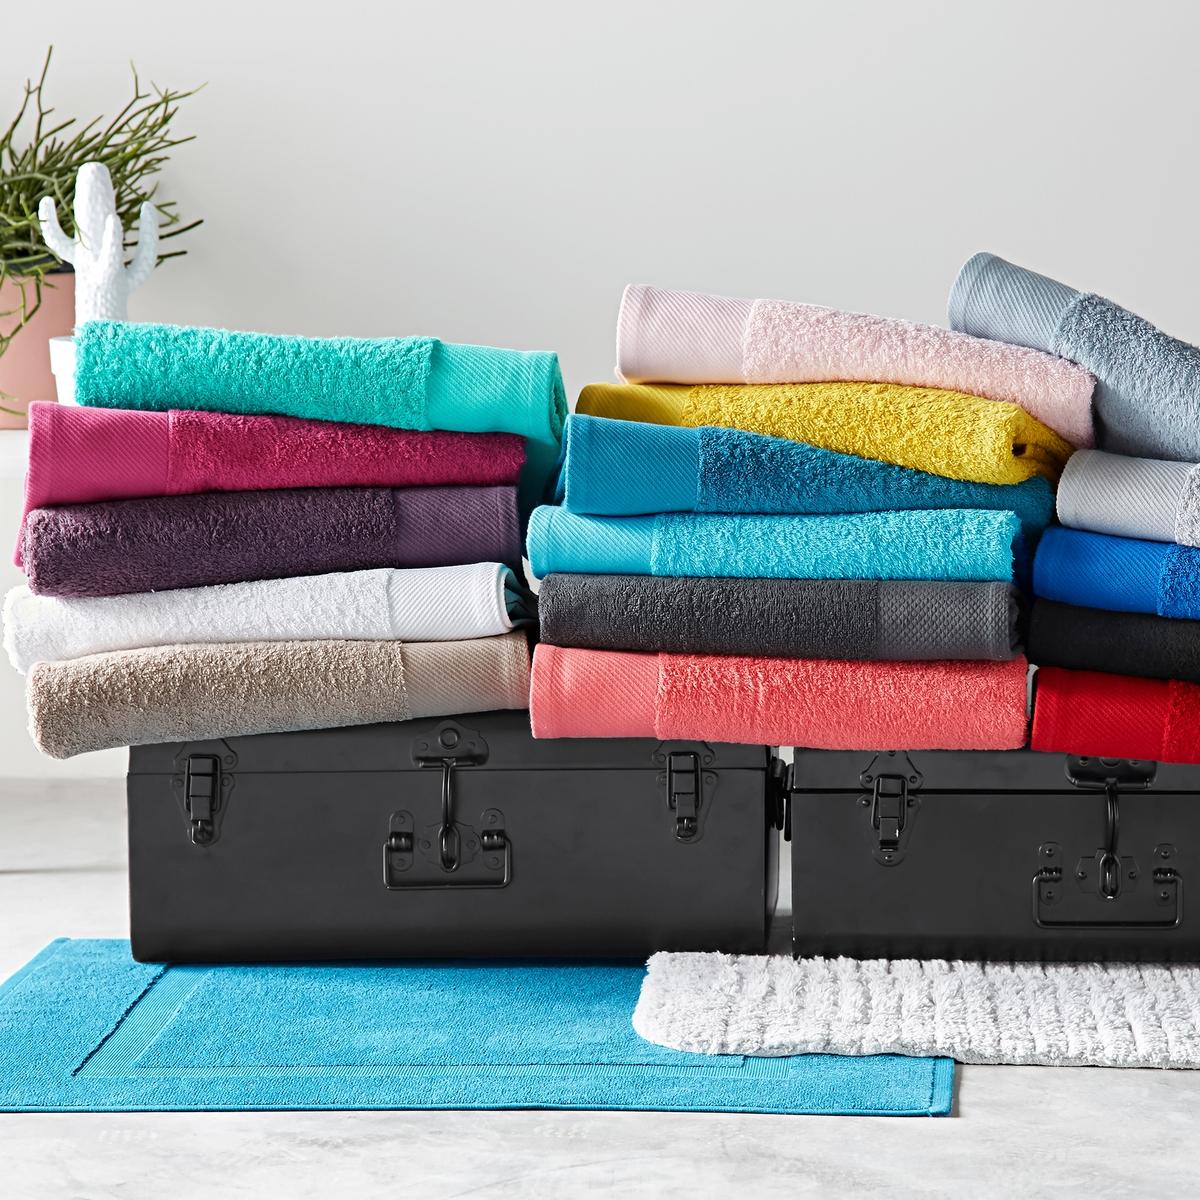 Комплект из 4 гостевых полотенец 500 г/м?Комплект из 4 гостевых полотенец из махровой ткани, 100% хлопок (500 г/м?), невероятно нежной, мягкой и отлично впитывающей влагу.Полотенца разных цветов для ванной...Характеристики 4 однотонных гостевых полотенец :- Махровая ткань, 100% хлопок (500 г/м?).- Отделка краев диагонали.- Машинная стирка при 60 °С.- Машинная сушка.- Замечательная износоустойчивость, сохраняет мягкость и яркость окраски после многочисленных стирок.- Размеры полотенца : 40 x 40 см.- В комплекте 4 полотенца. Знак Oeko-Tex® гарантирует, что товары протестированы и сертифицированы, не содержат вредных веществ, которые могли бы нанести вред здоровью.<br><br>Цвет: красный карминный,светло-розовый,серо-бежевый,сине-зеленый,синий морской волны,темно-серый,черный<br>Размер: 40 x 40  см